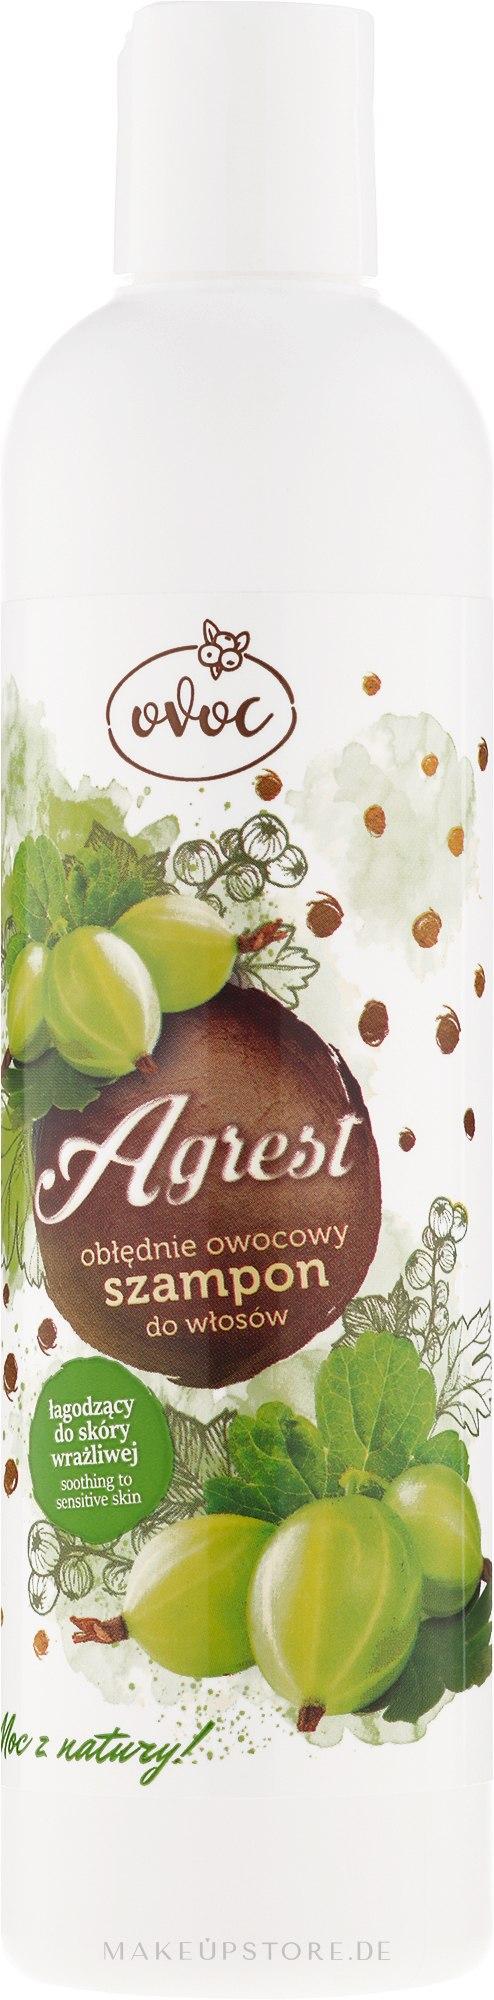 Beruhigendes Shampoo für empfindliche Kopfhaut mit Extrakt aus Feigen, Algen und Sheabutter - Ovoc Gooseberry Shampoo — Bild 300 ml